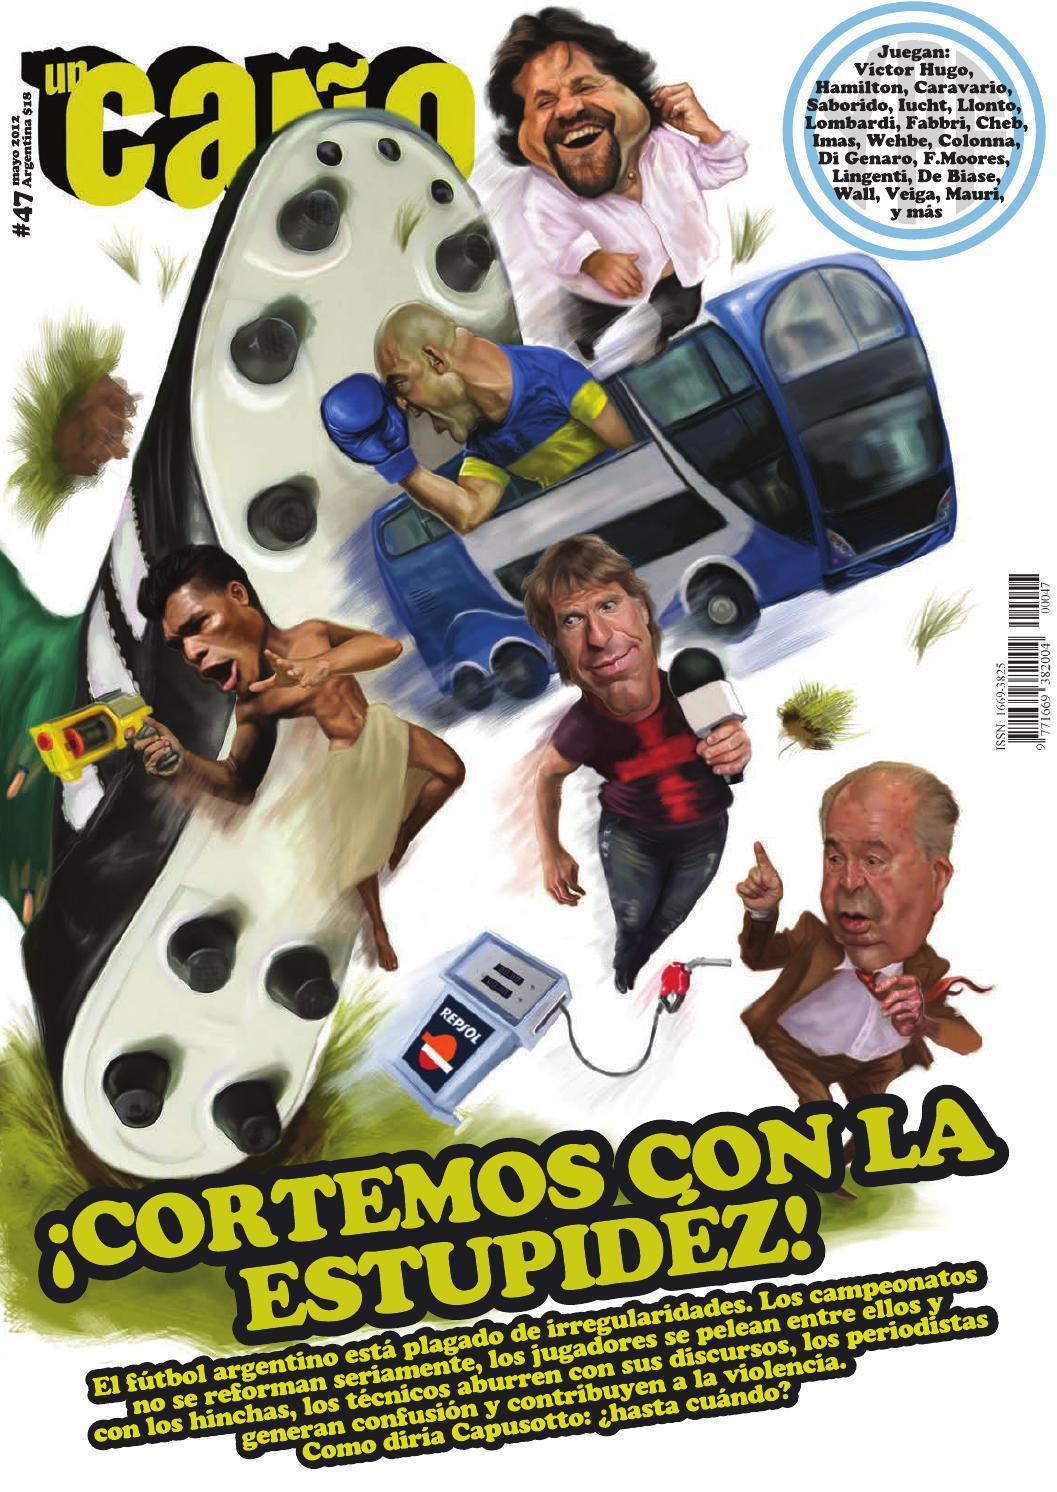 Revista Un Caño - Número 47 - Mayo 2012 by Revista Un Caño - issuu c507141a3f7c6